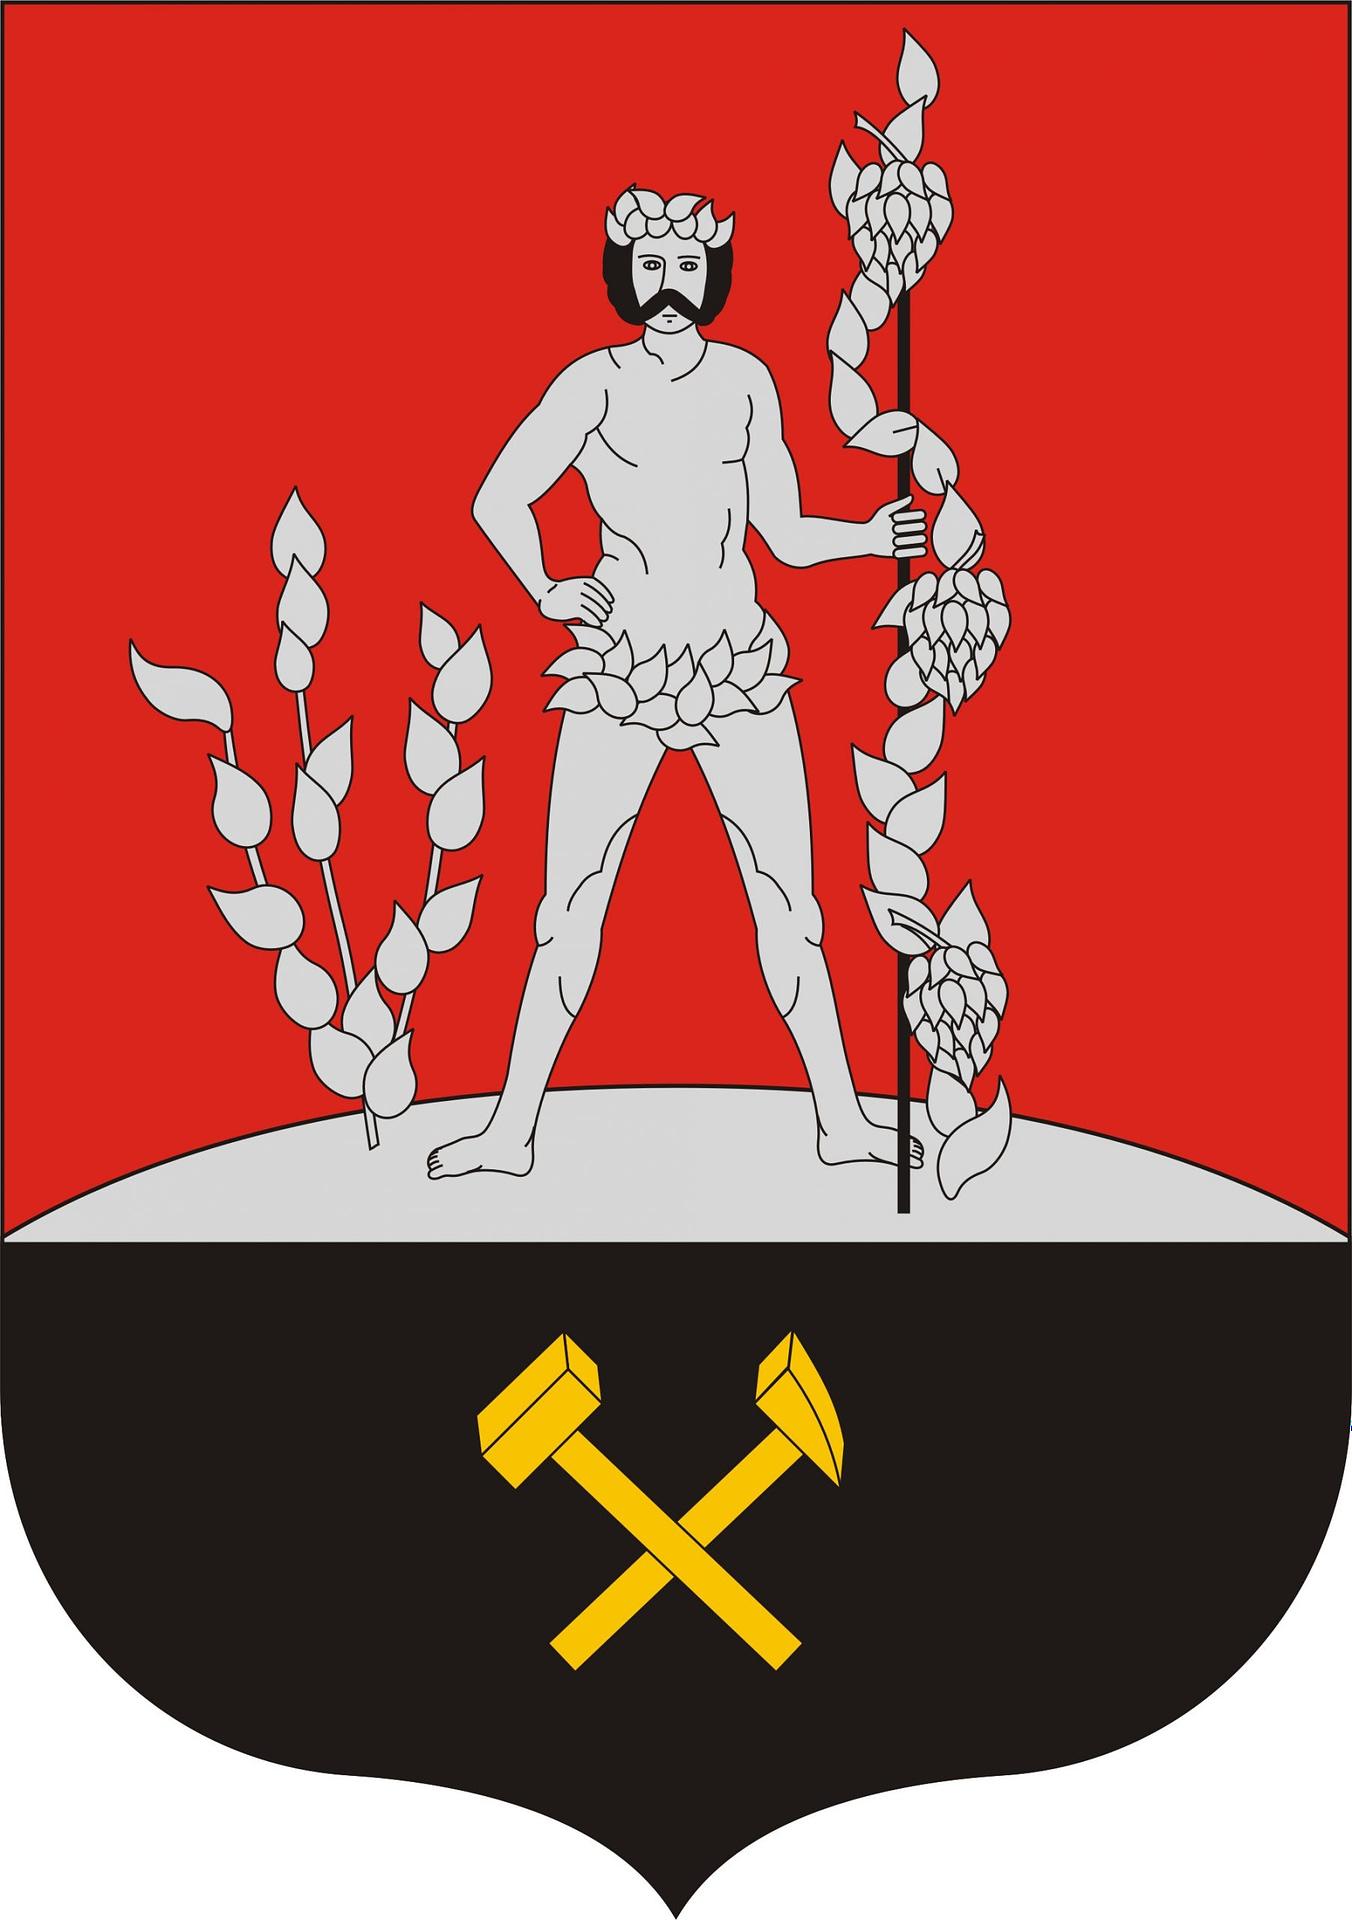 Okospad Komló